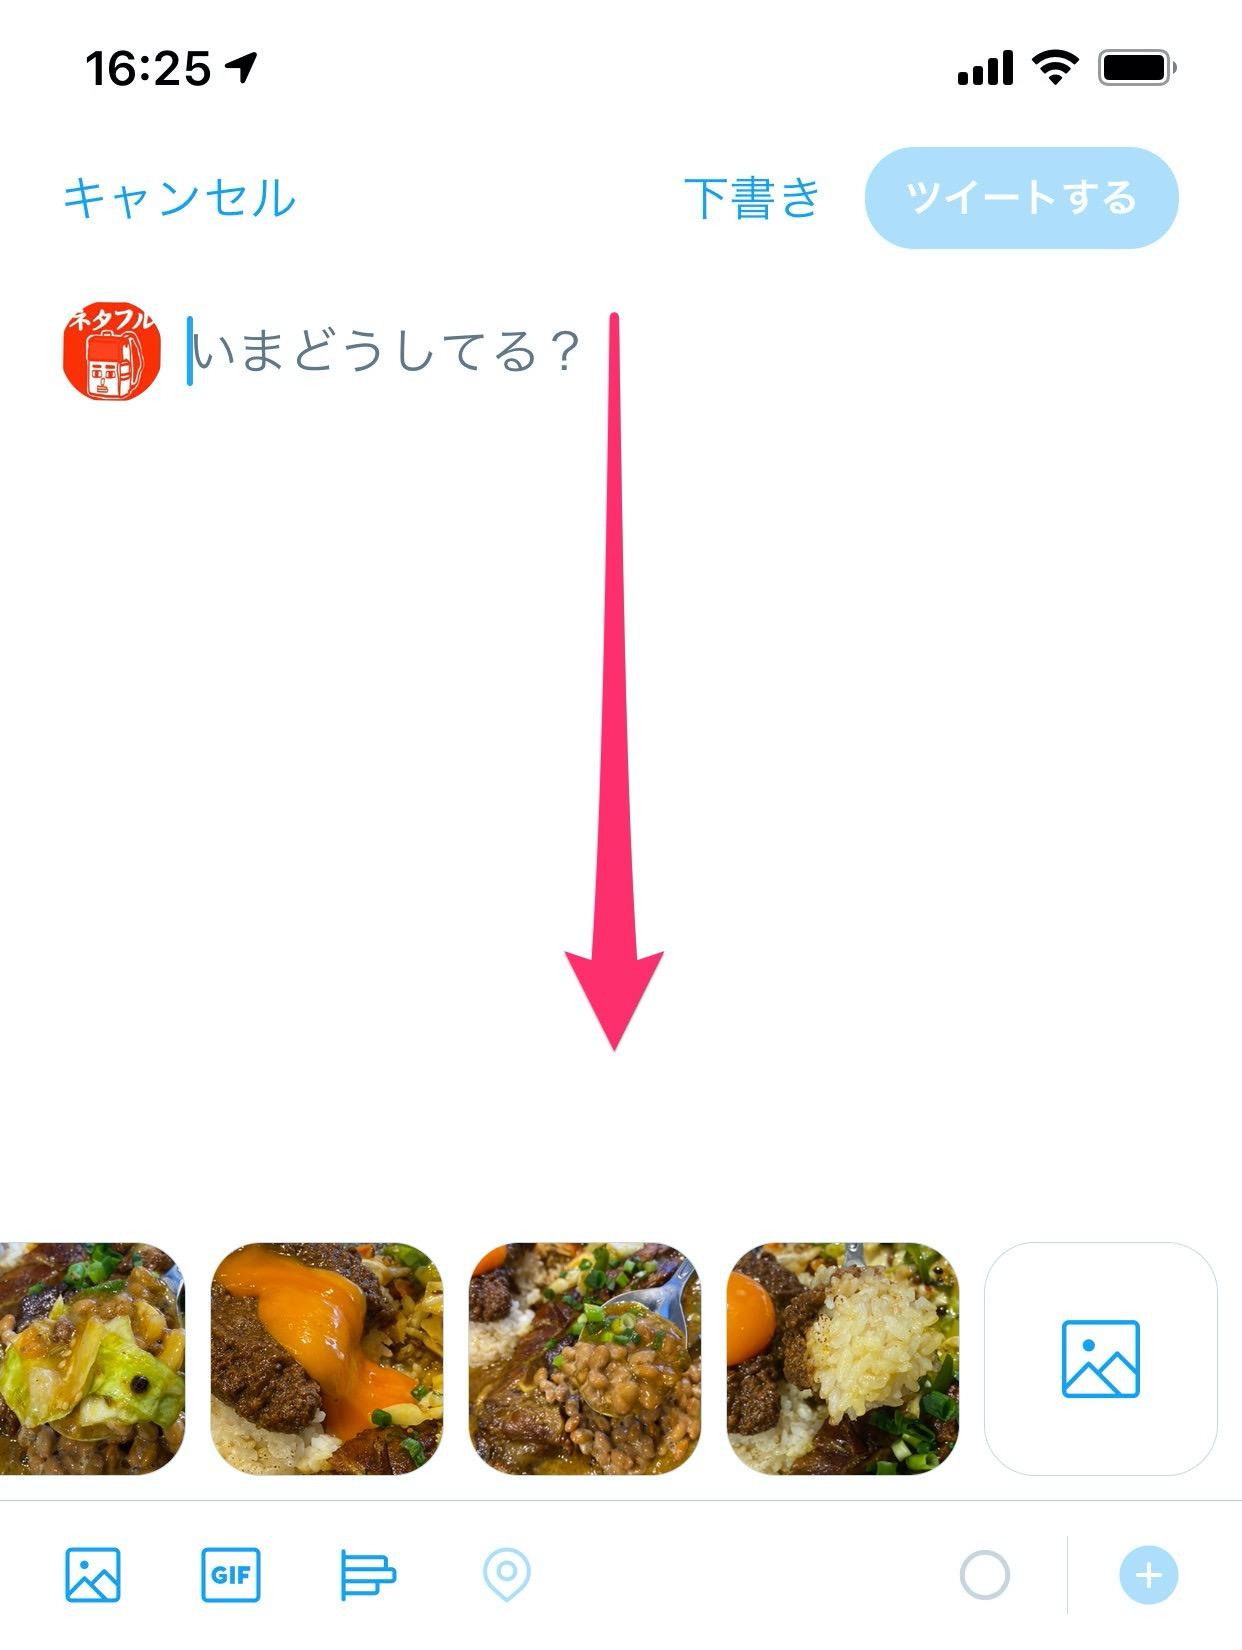 【Twitter】過去のツイートに続けてツイートしてスレッドを作るのが簡単に